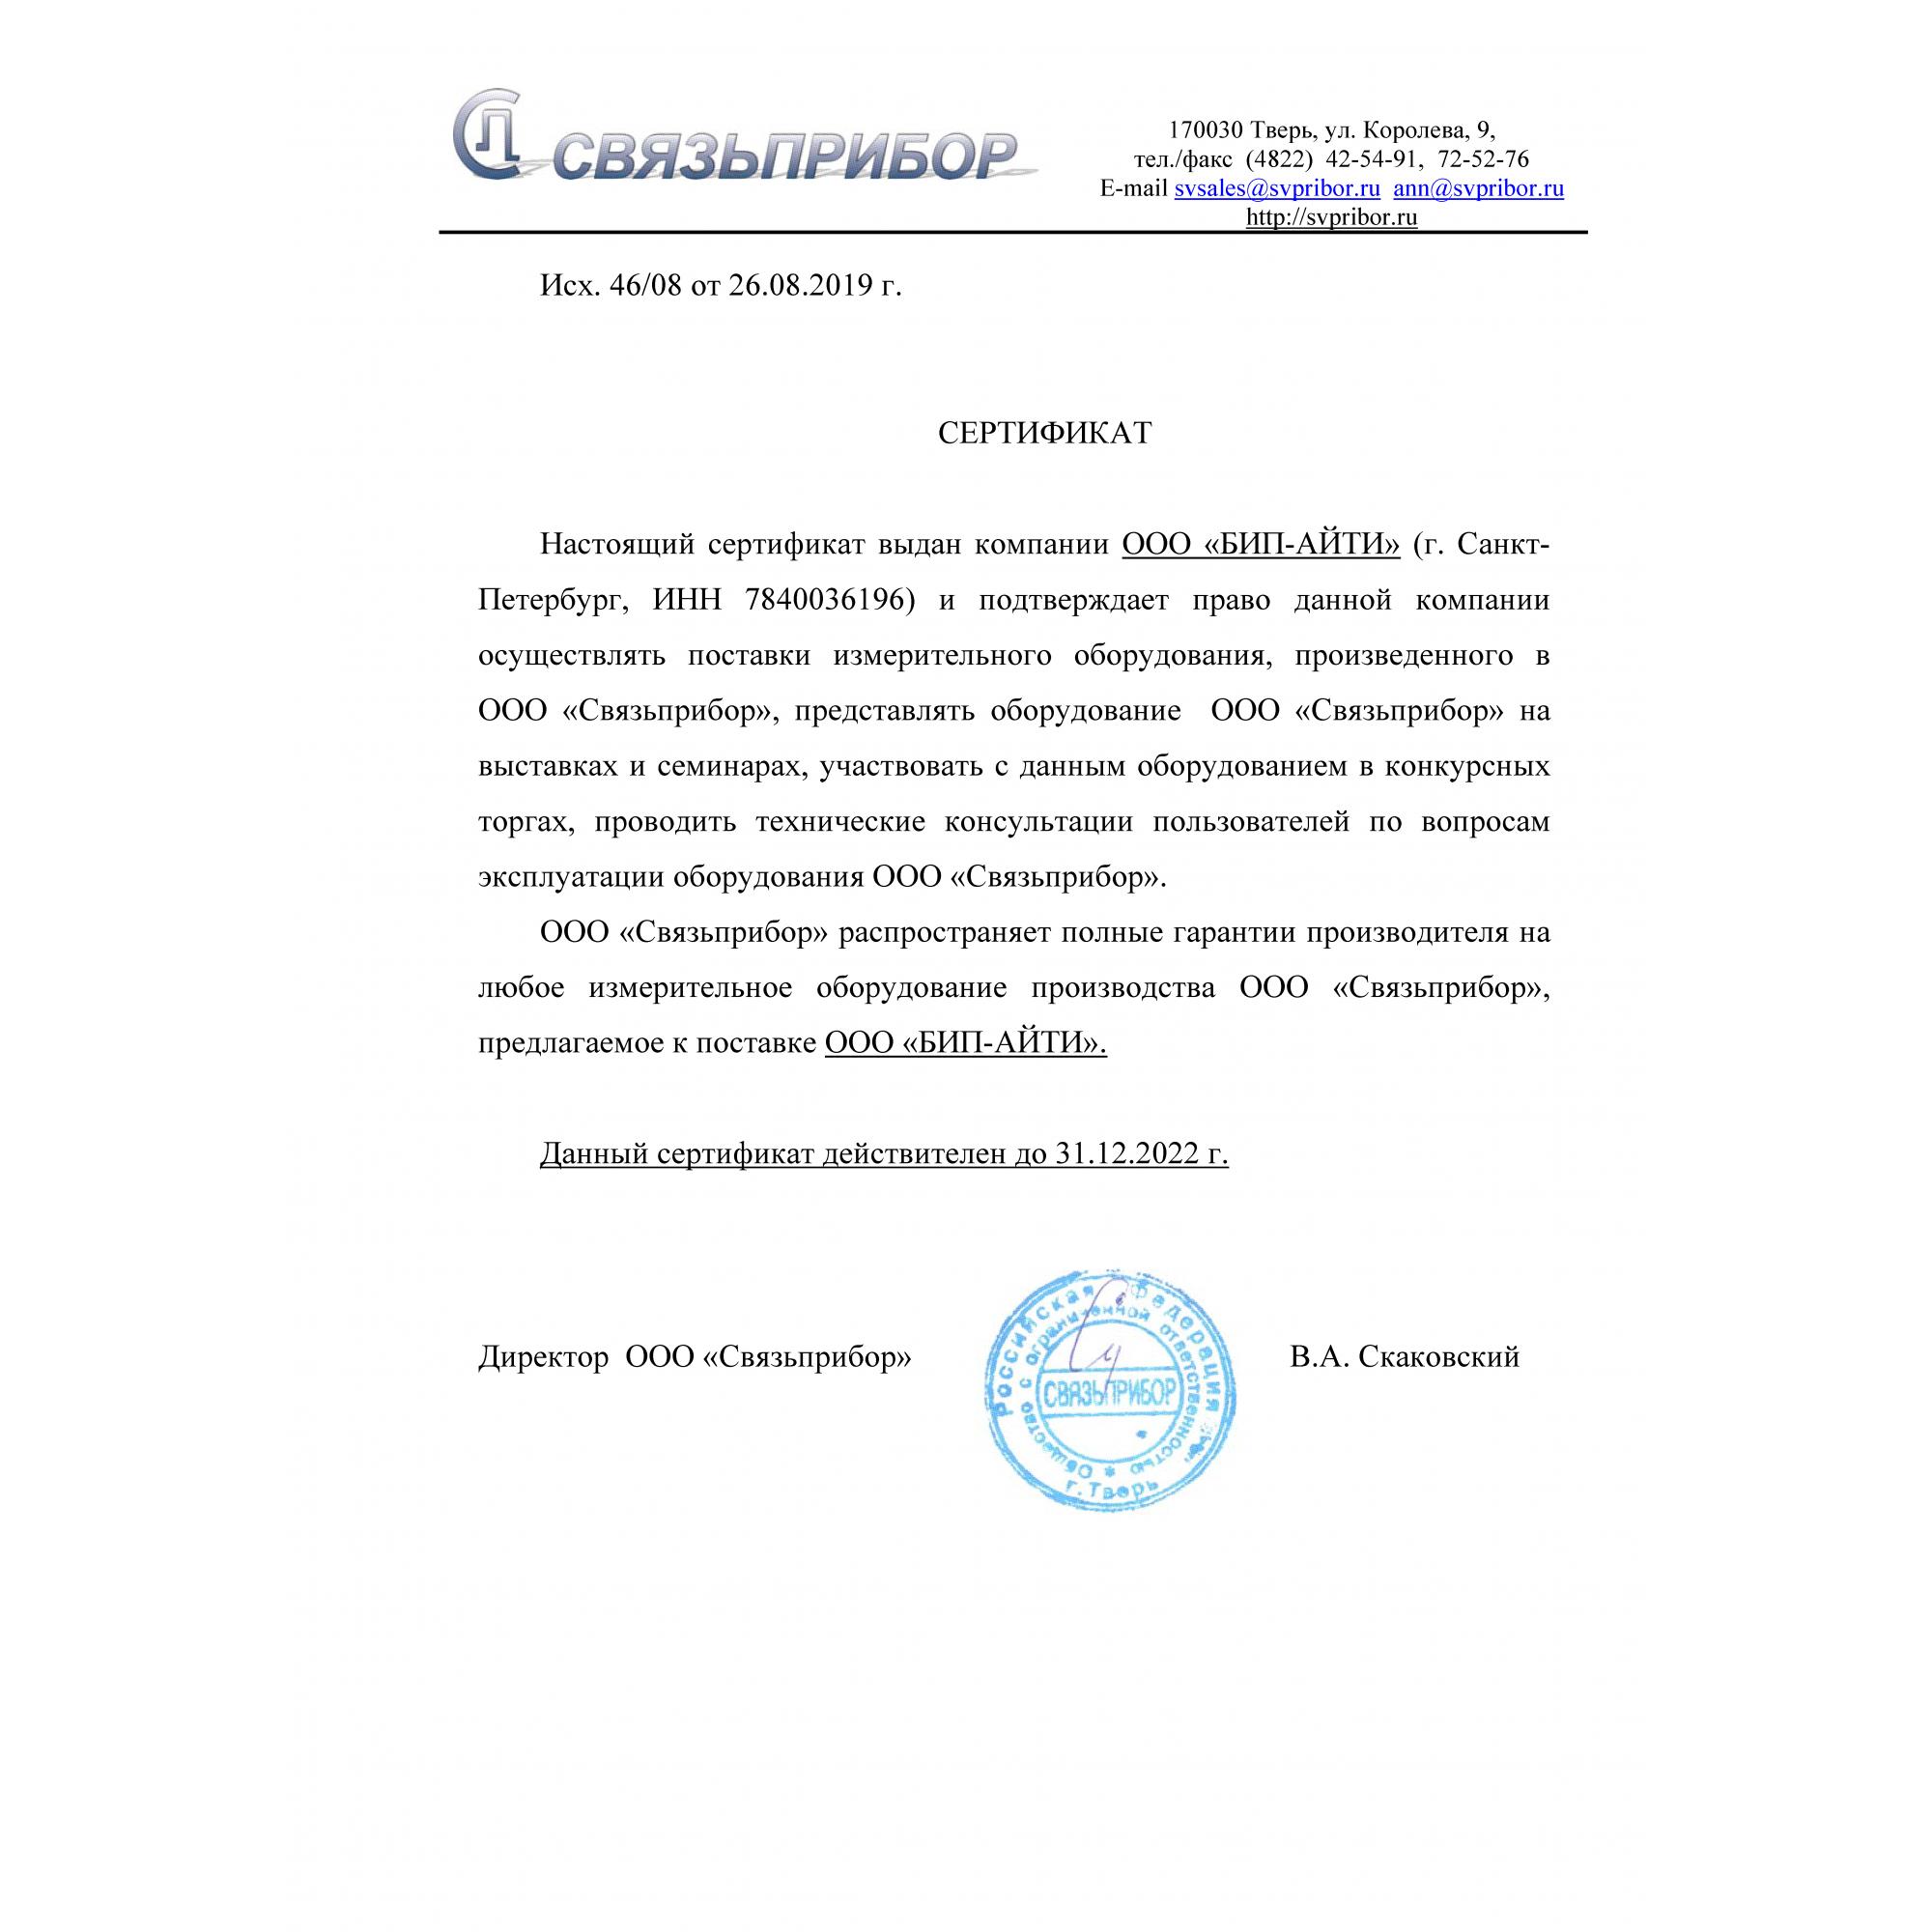 Сертификат официального дилера Связьприбор